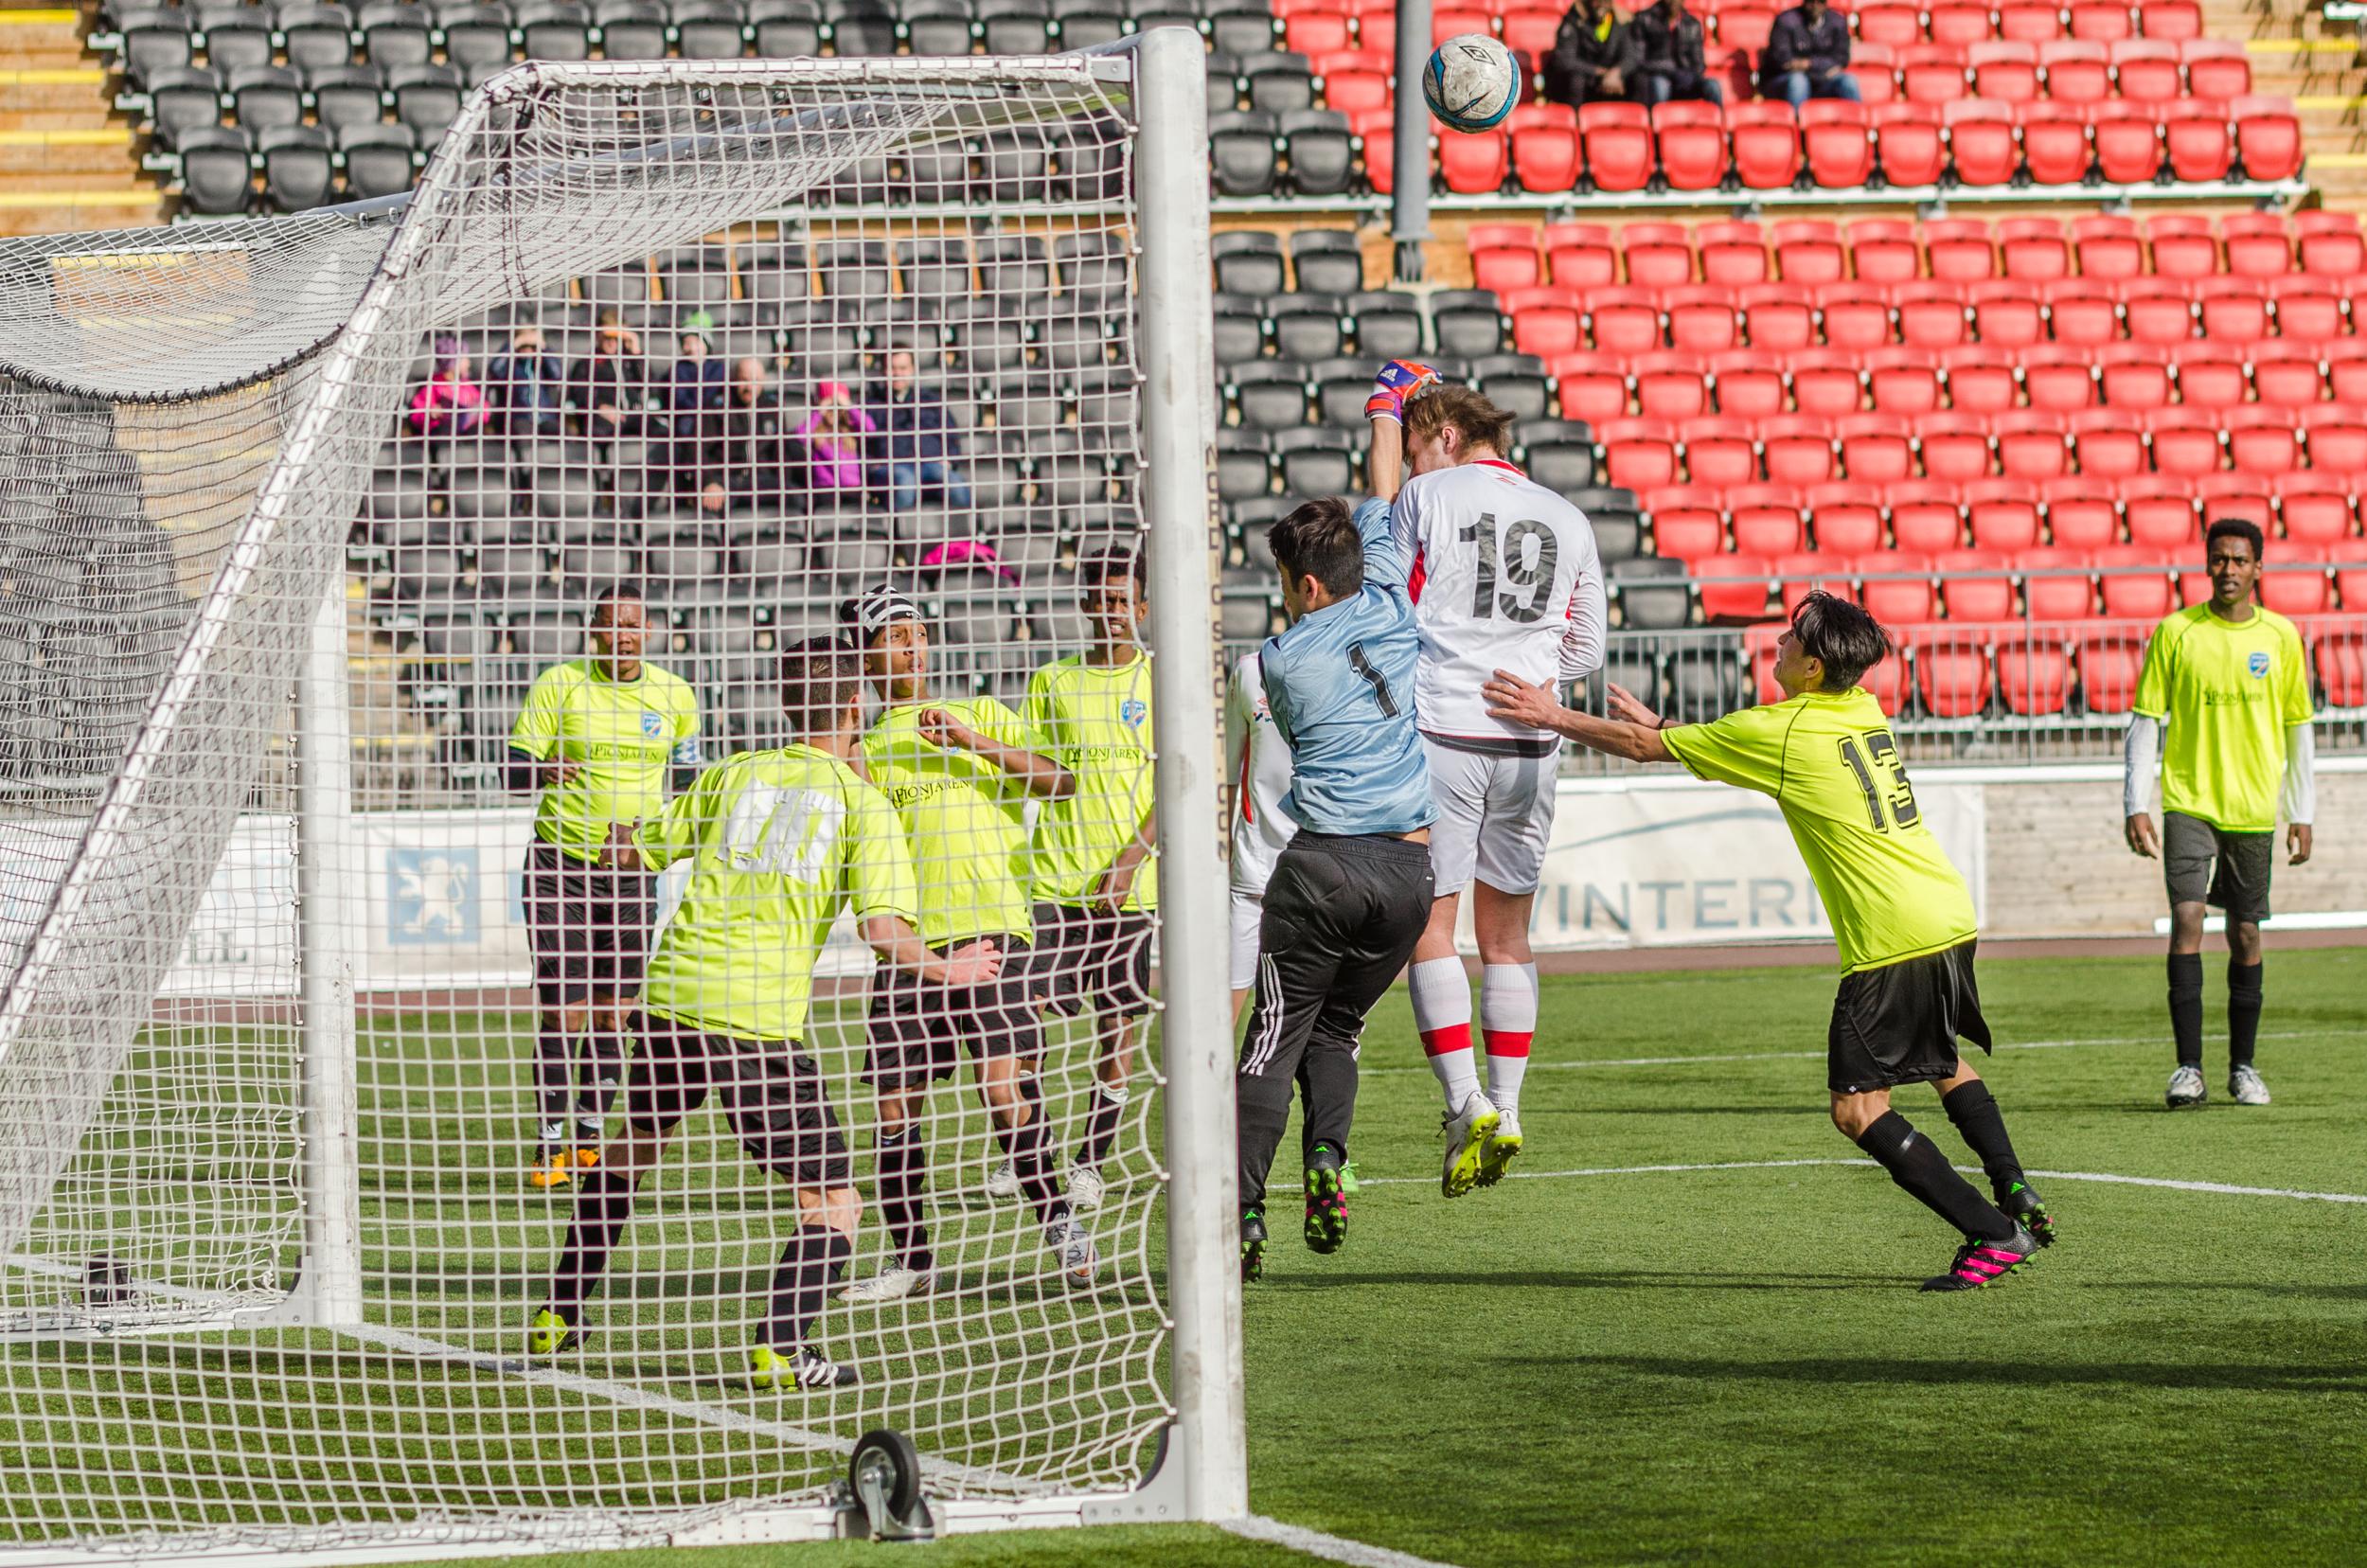 Fotboll Sävast AIF mot Boden United